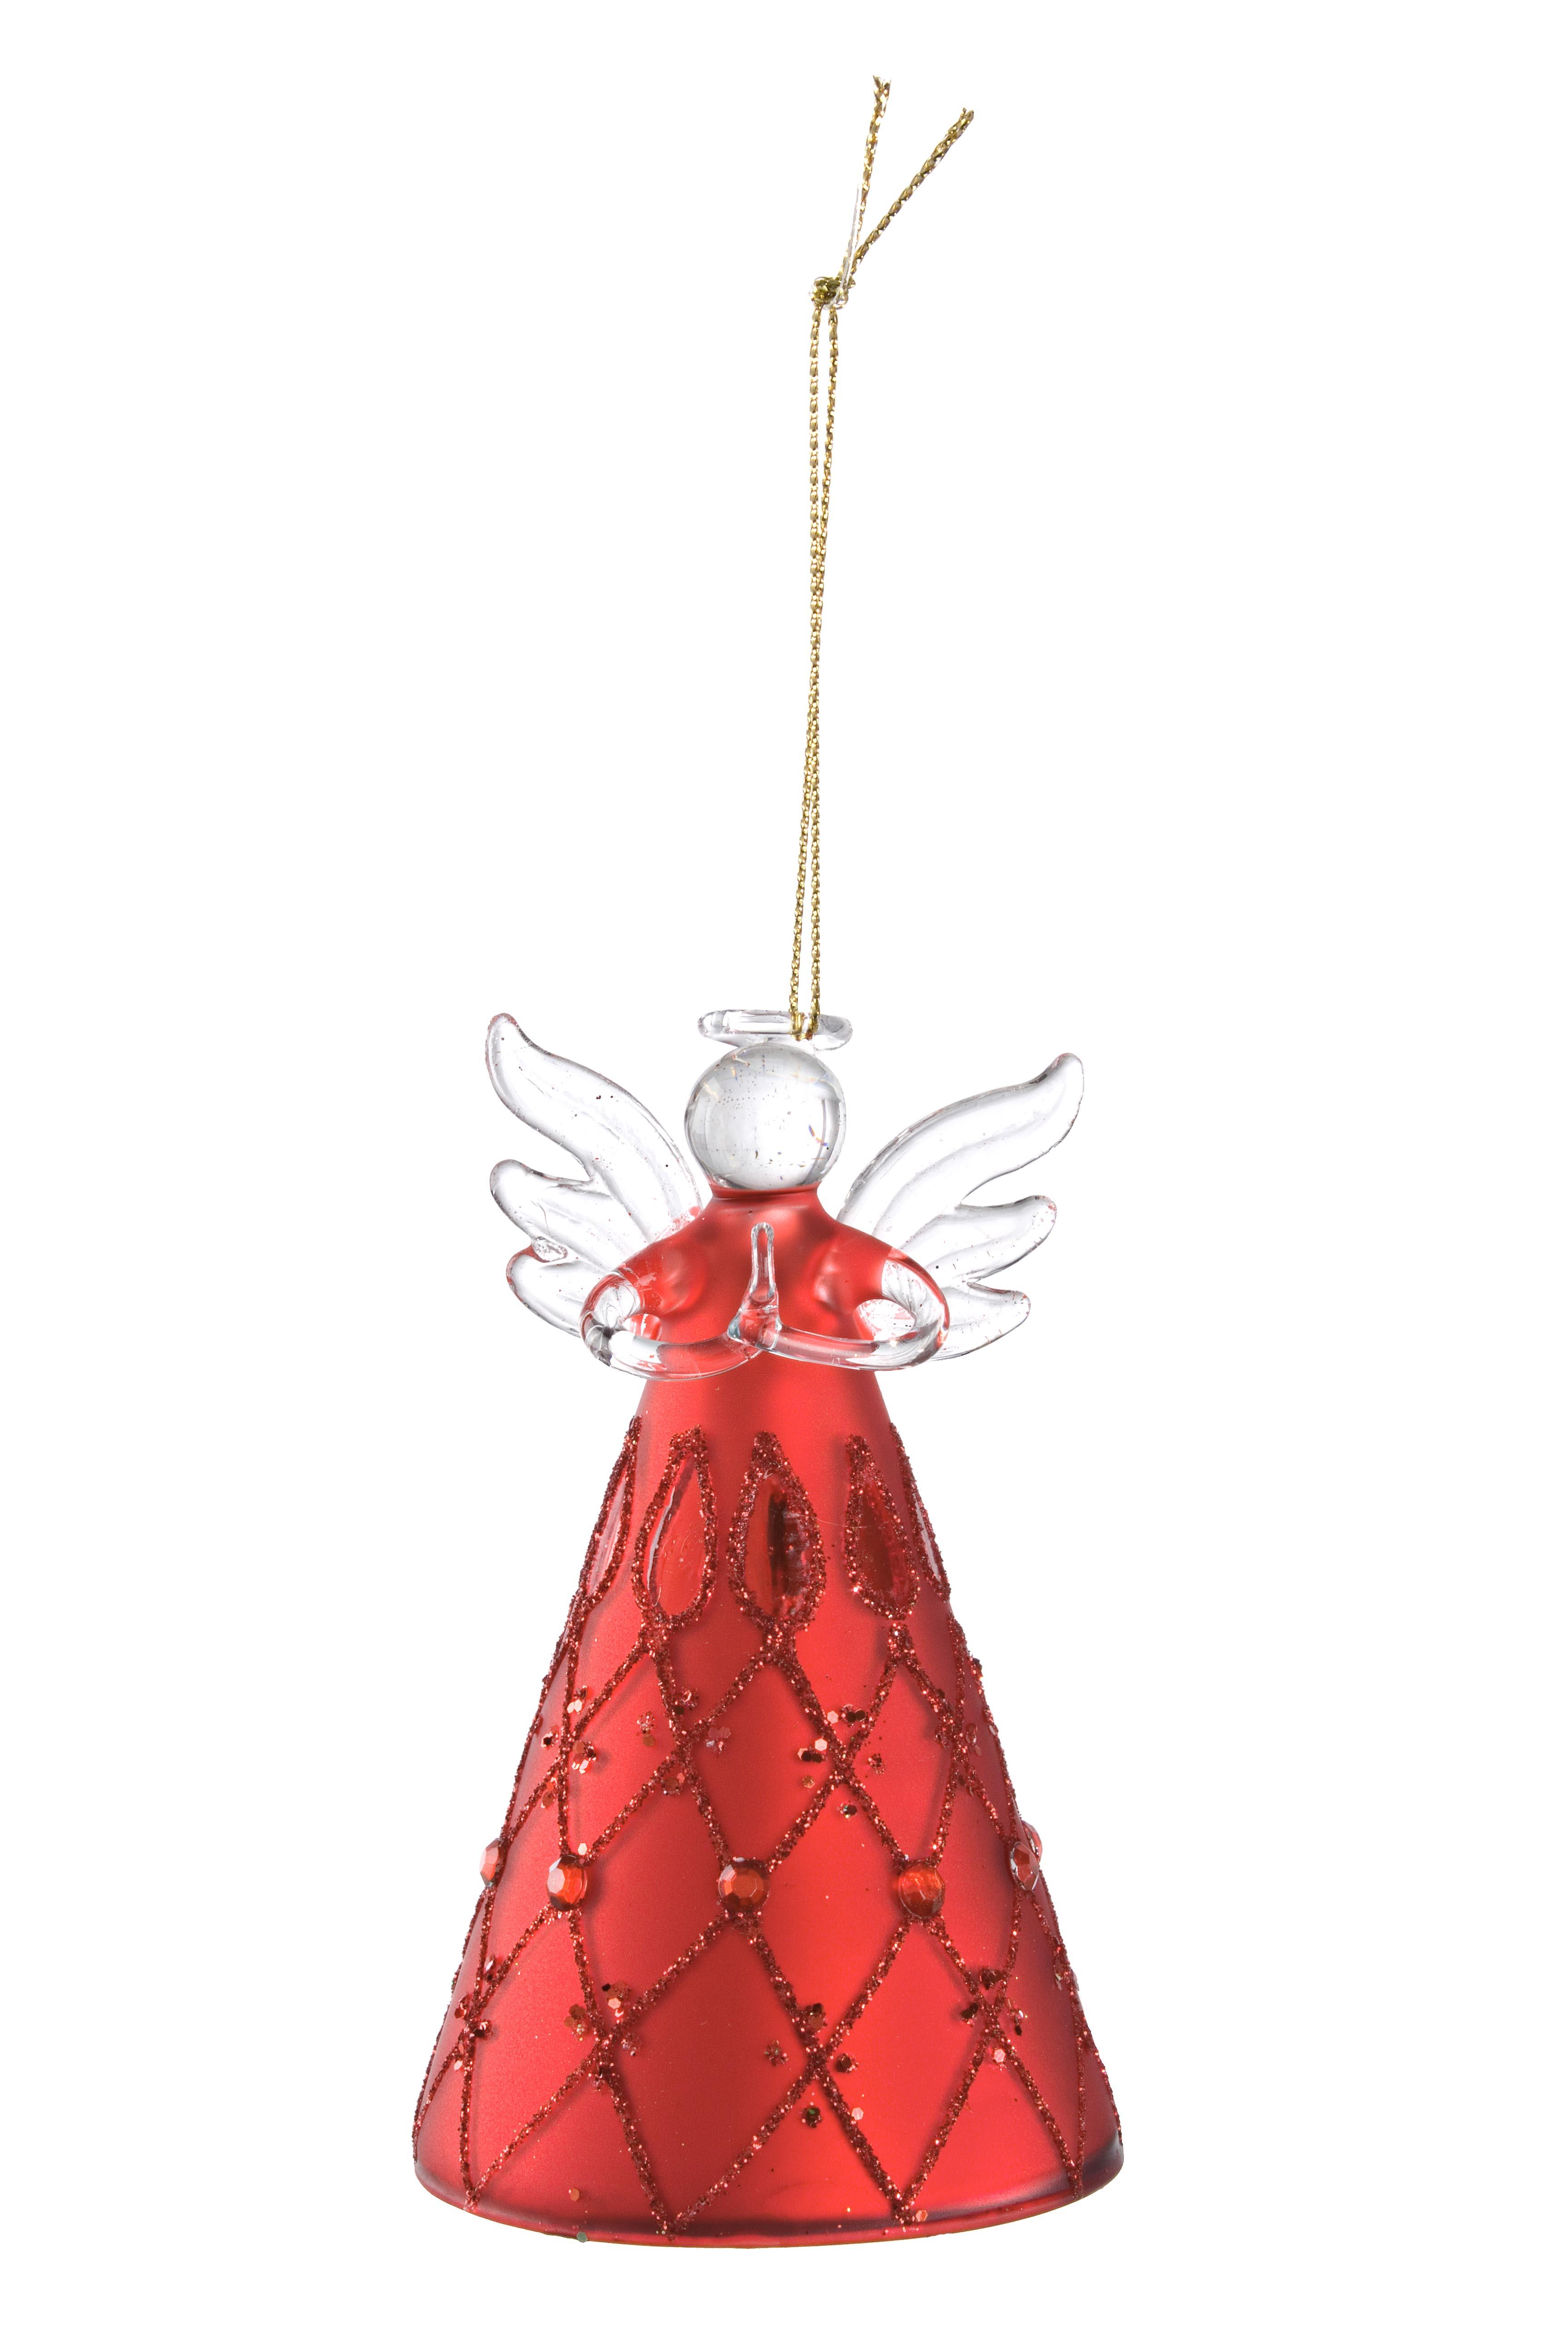 ornament ingeras